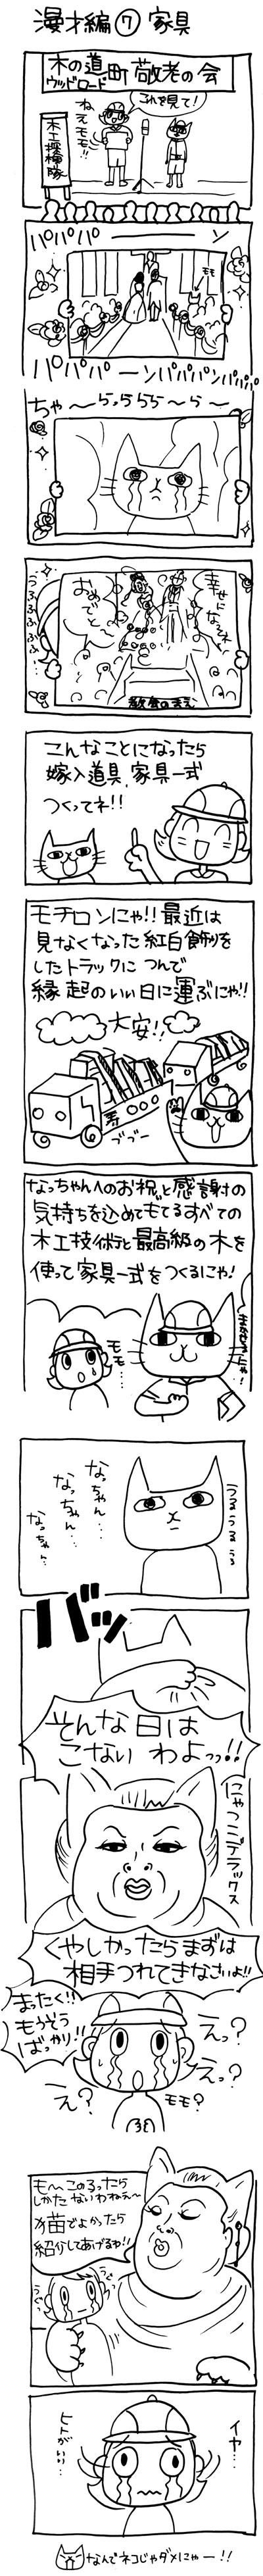 木工漫画 漫才編 7 家具 0909